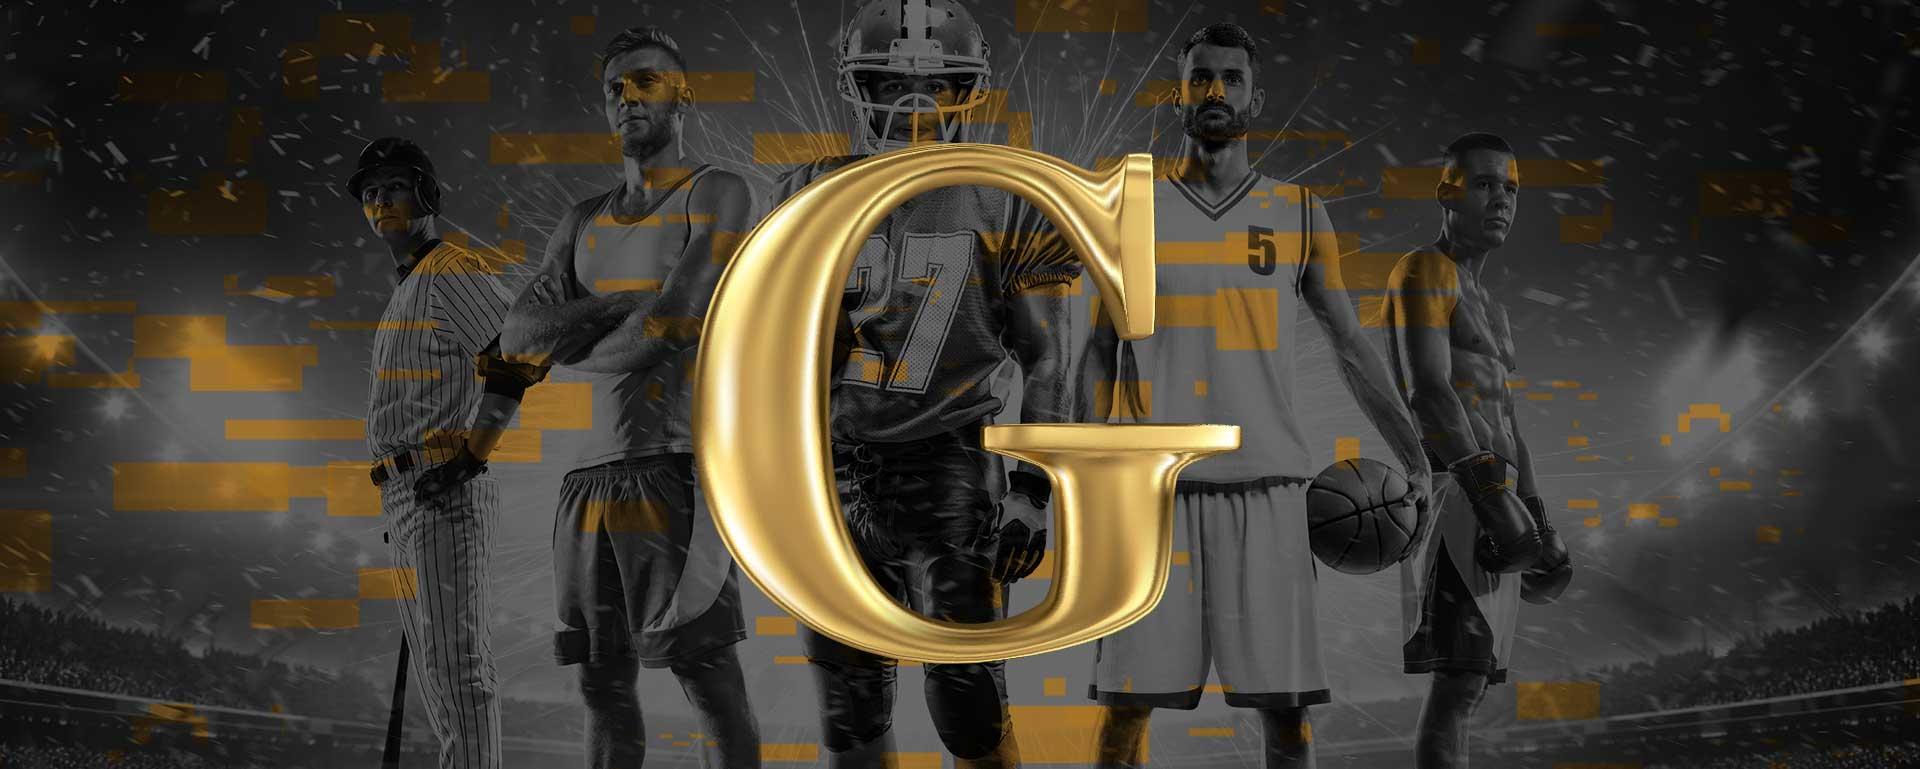 Golden Race – wirtualne sporty